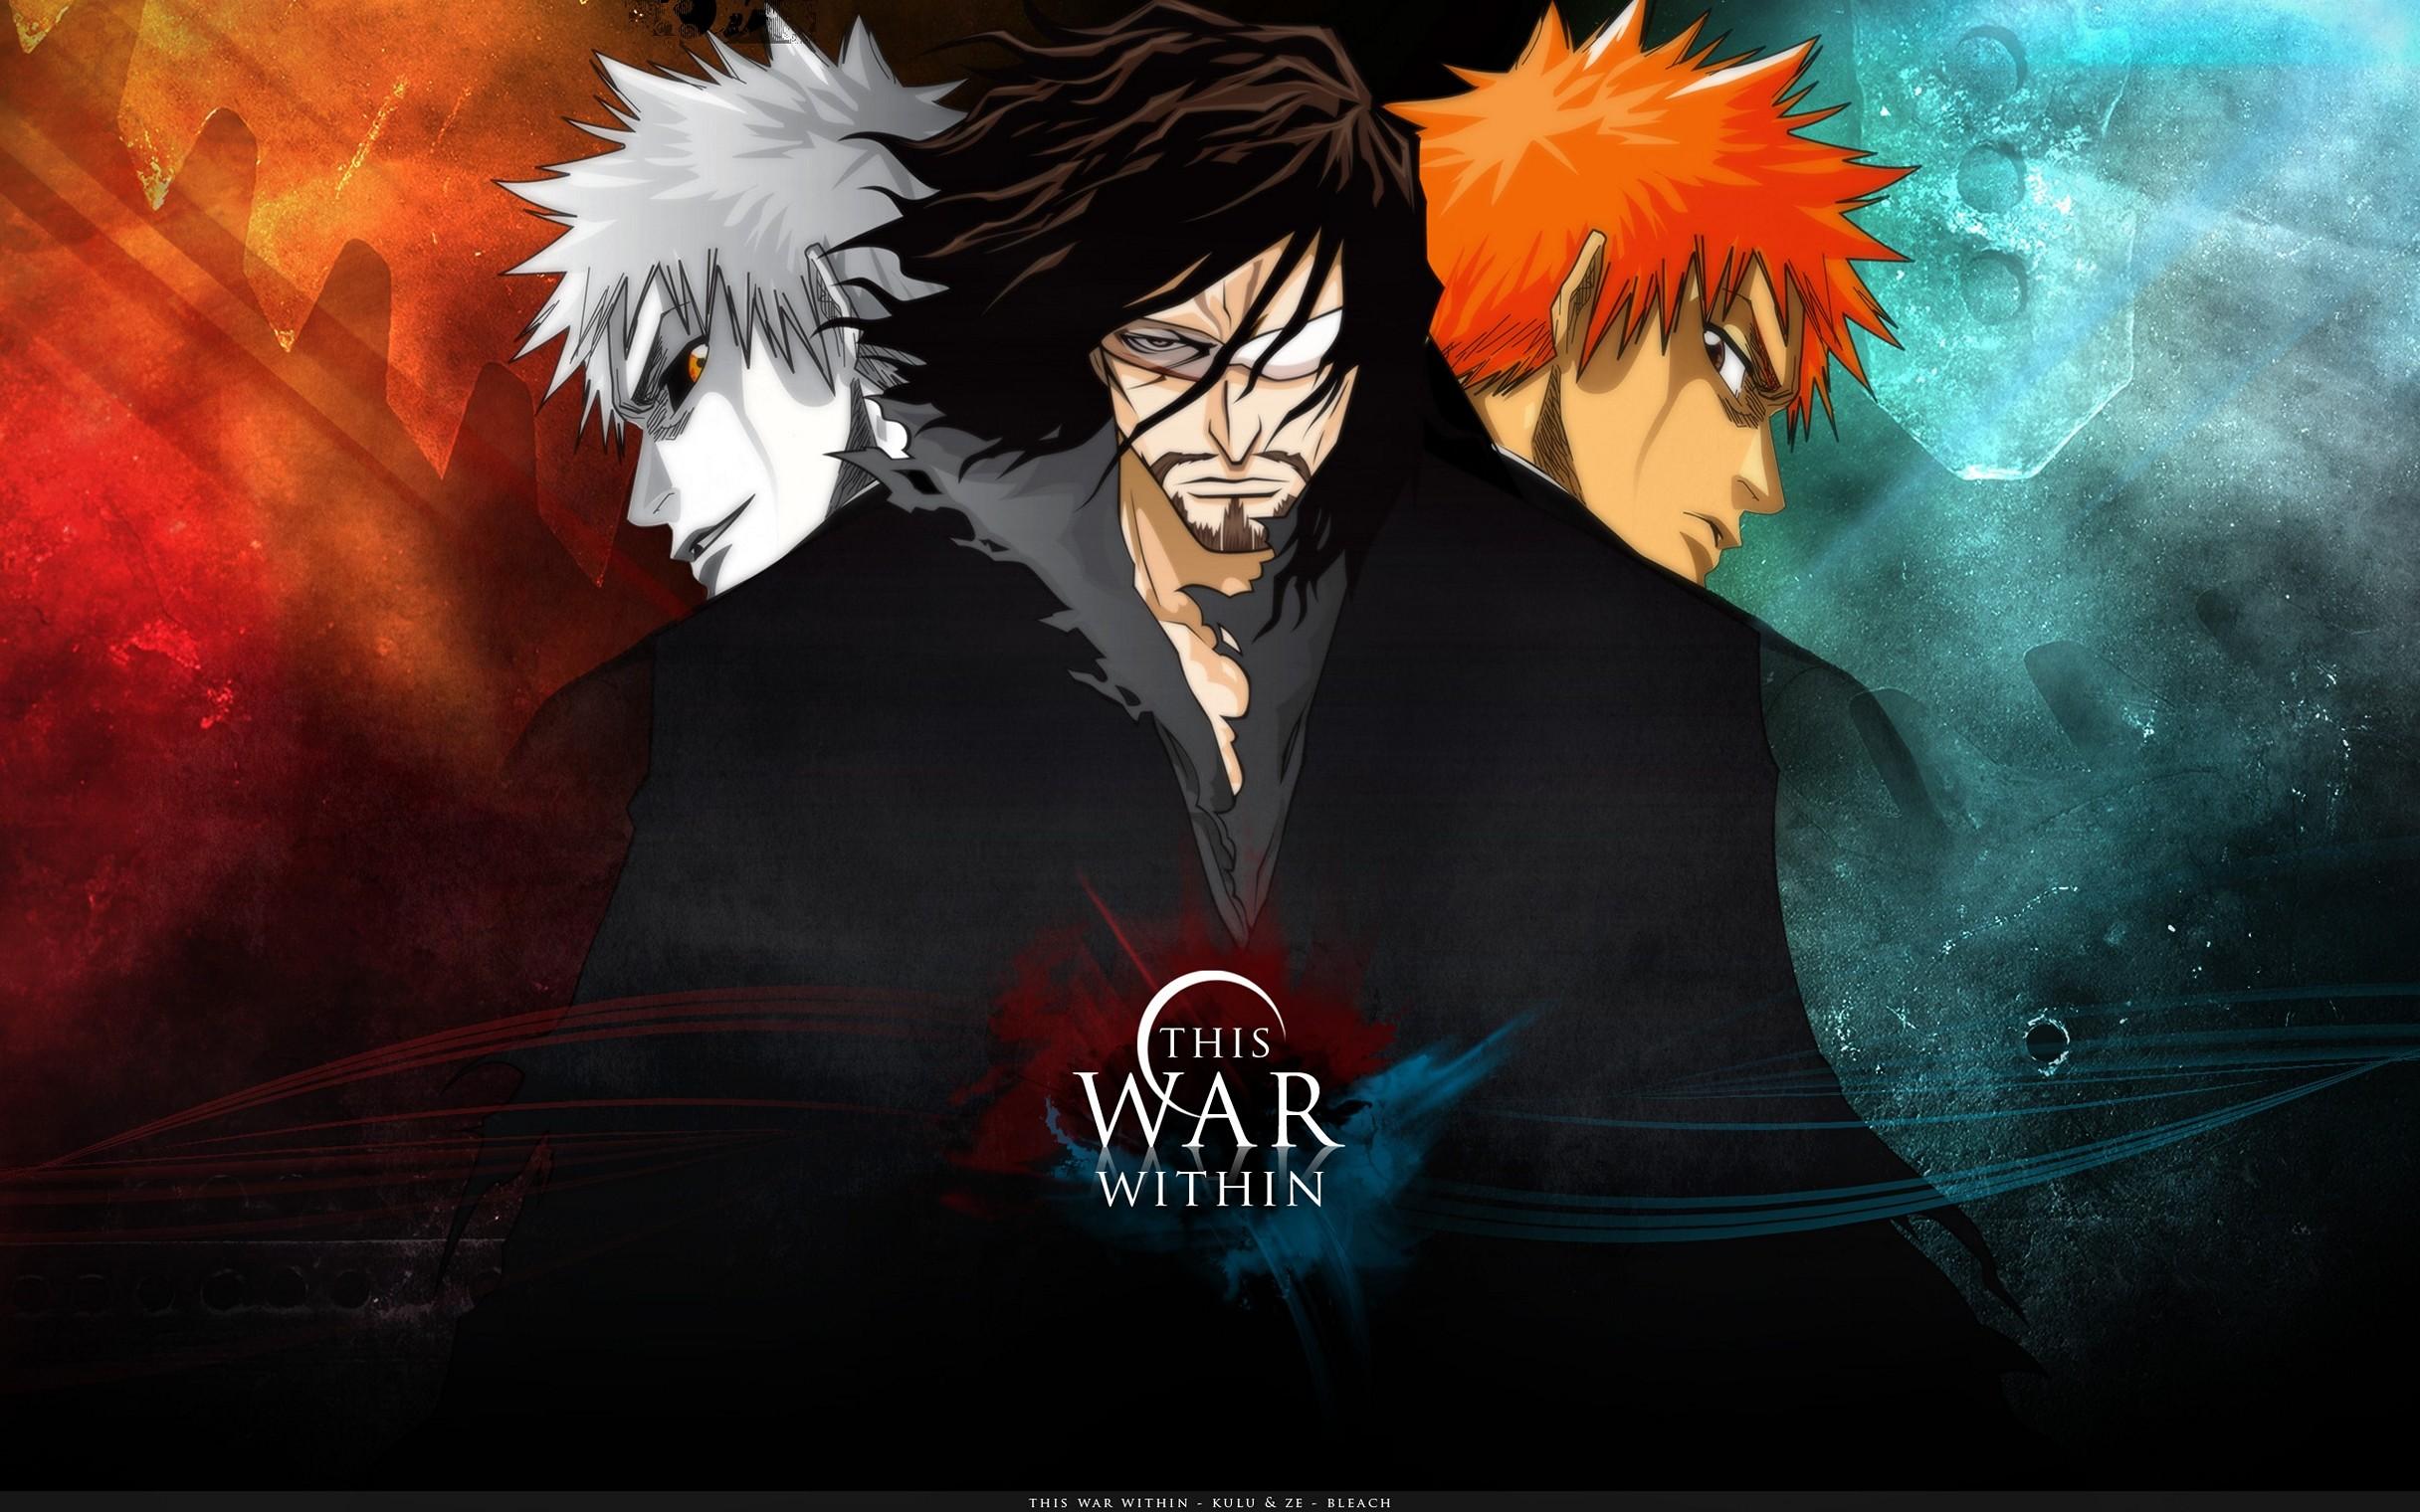 Bleach Hd Anime Animax Wallpaper Aky821